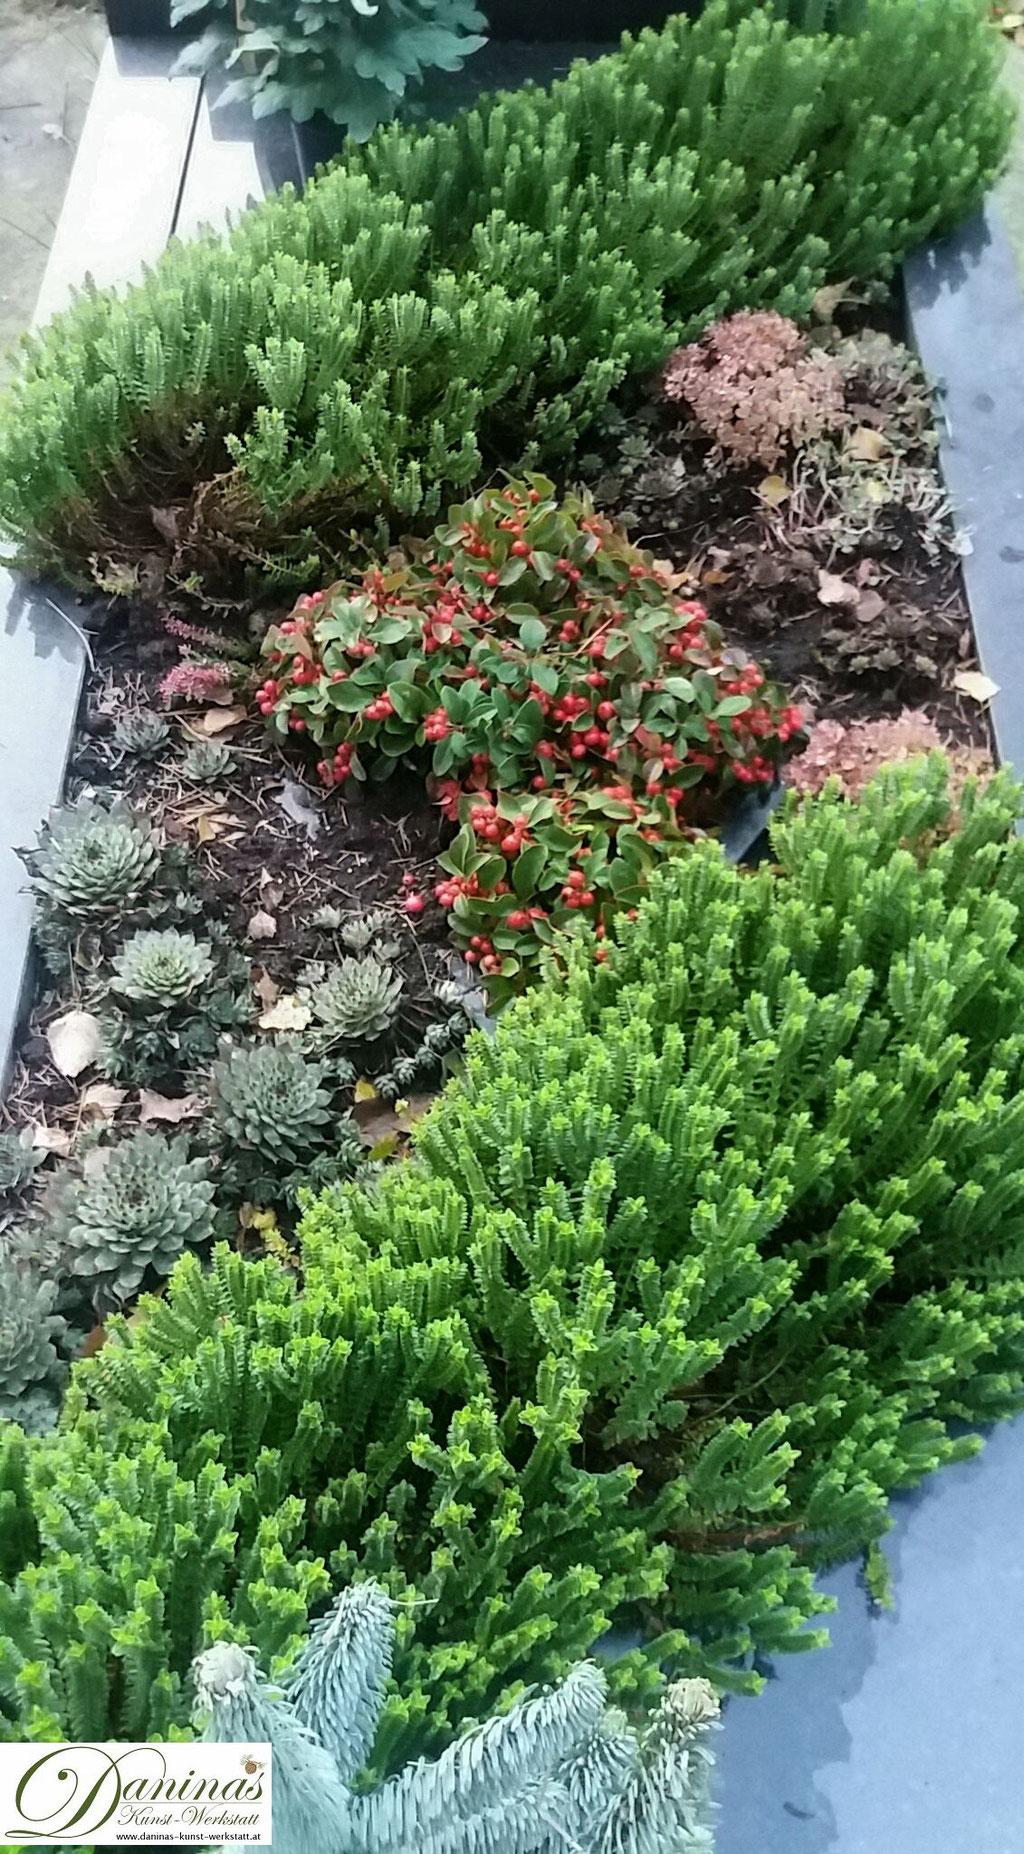 Grabgestaltung und Grabbepflanzung im Herbst mit Hauswurz. Beispiele und Ideen zum Selbermachen.